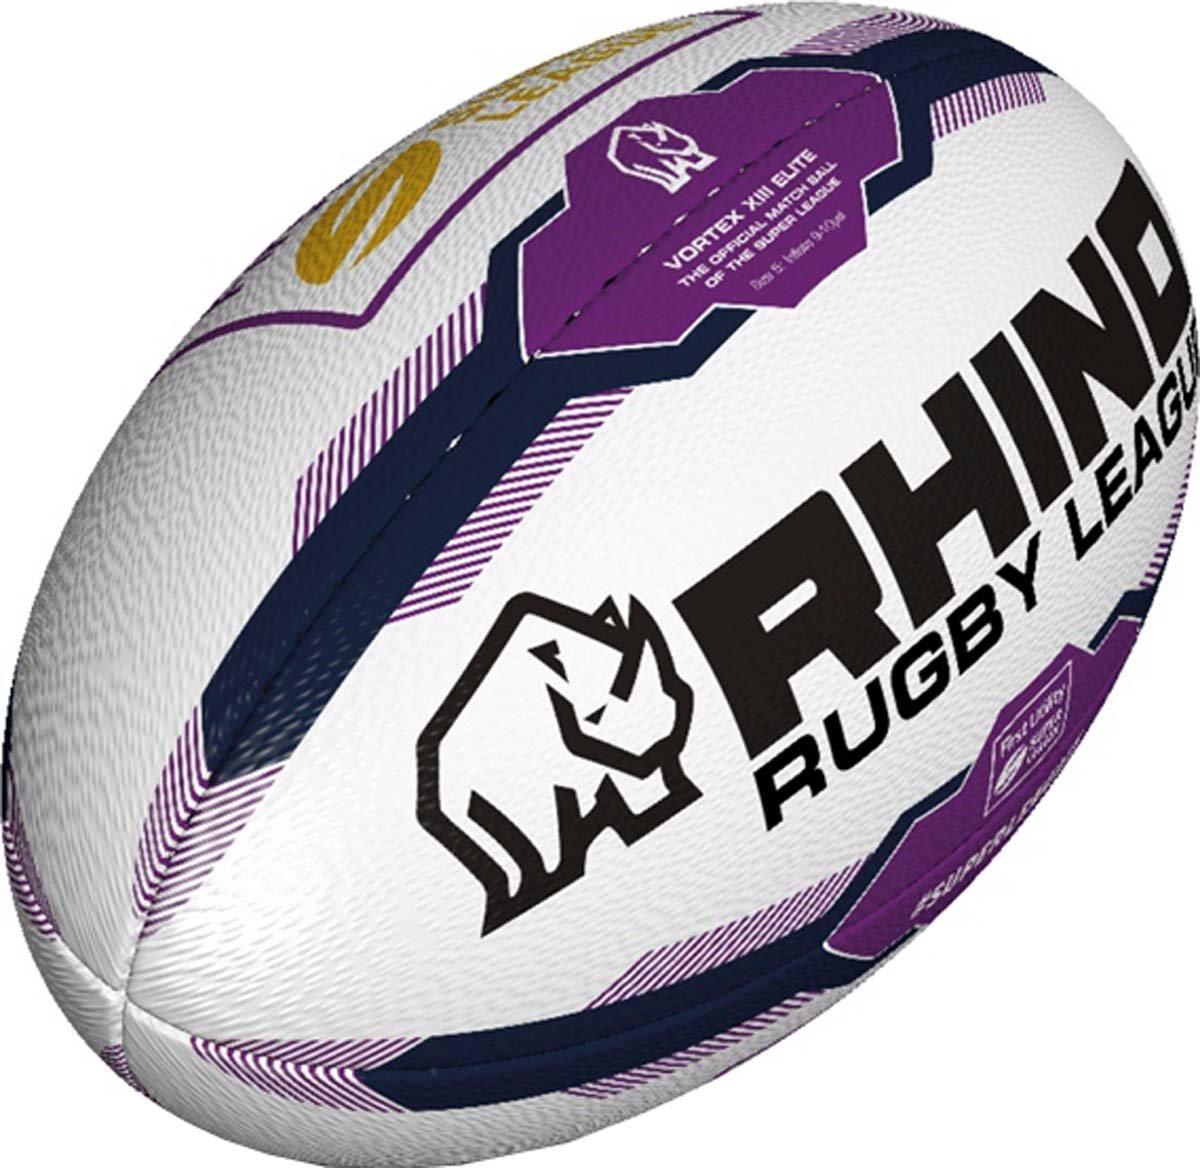 Rhino Super Leagueアウトドアスポーツトレーニング一致& Practiceラグビーボールサイズ4 – 5 B01M7SQGY0  Size 4